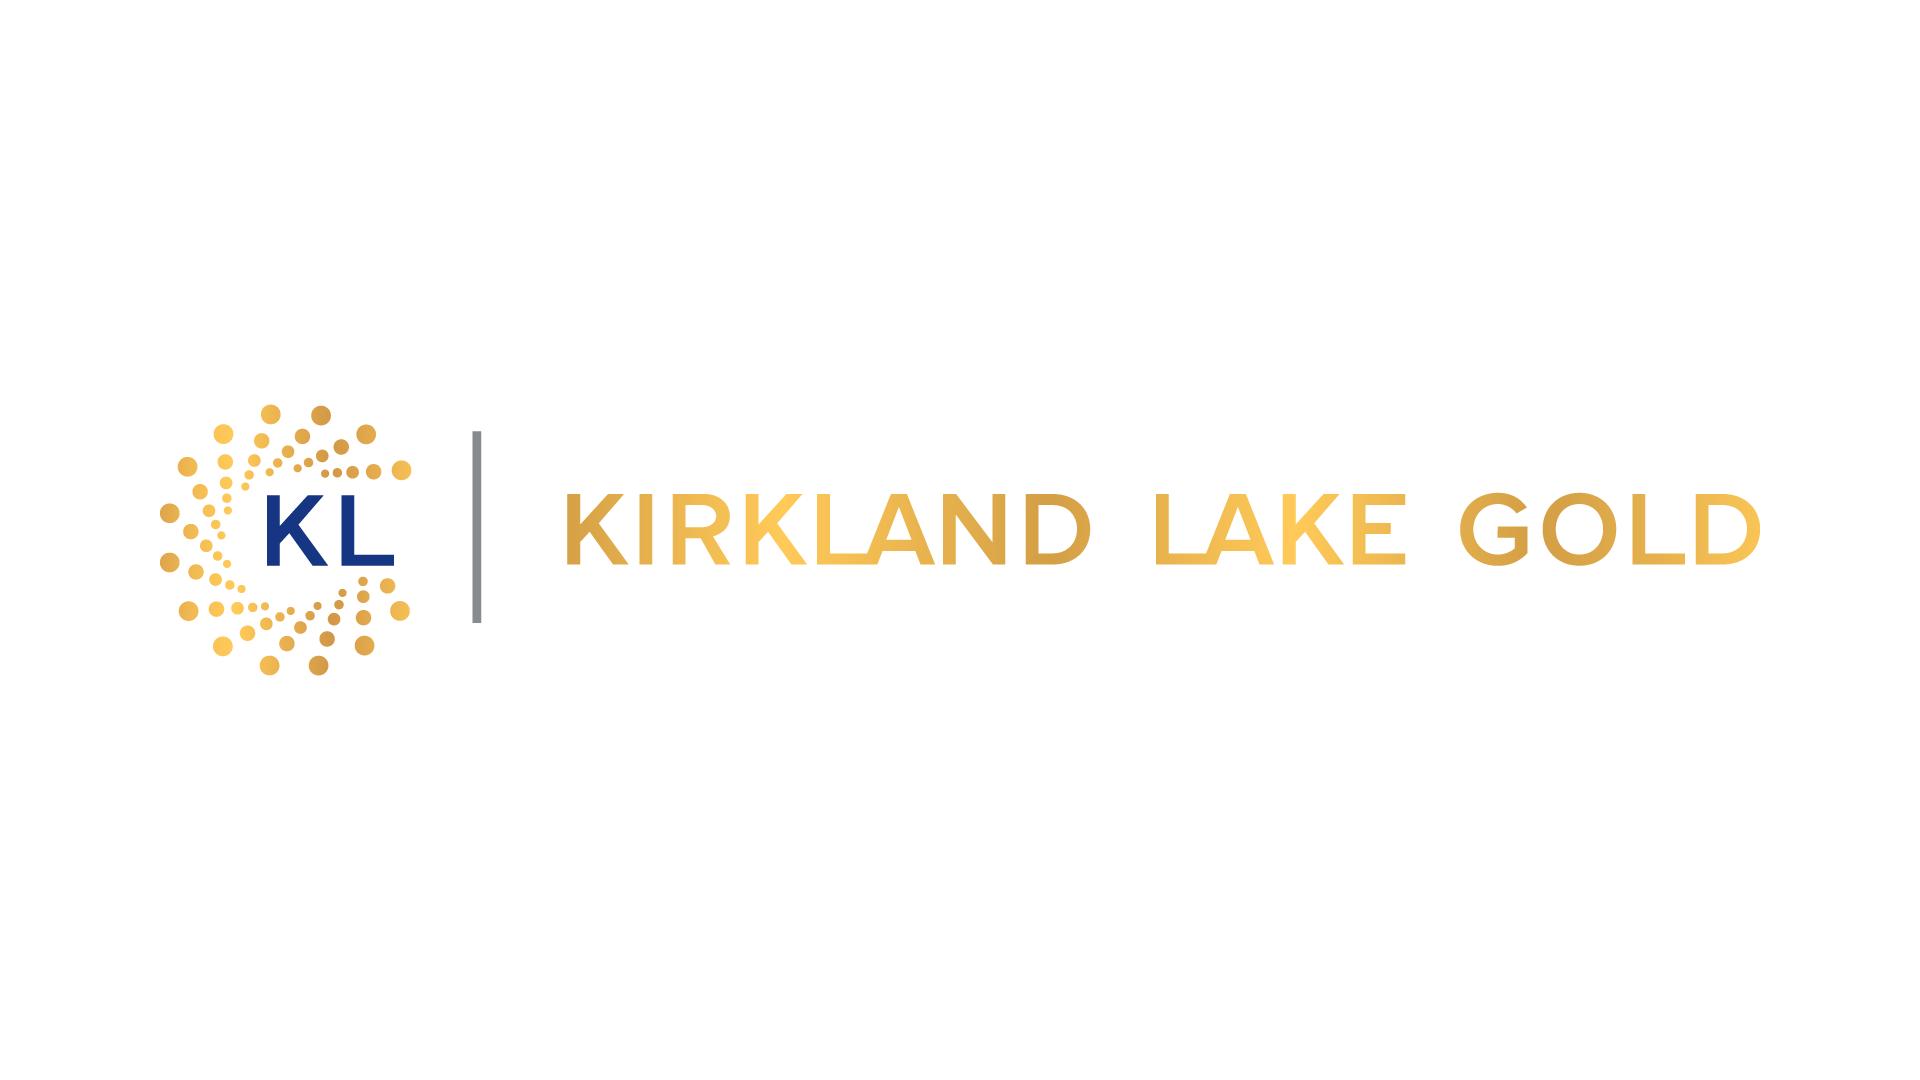 Kirkland Lake Gold (NYSE: KL) Celebrates their IPO